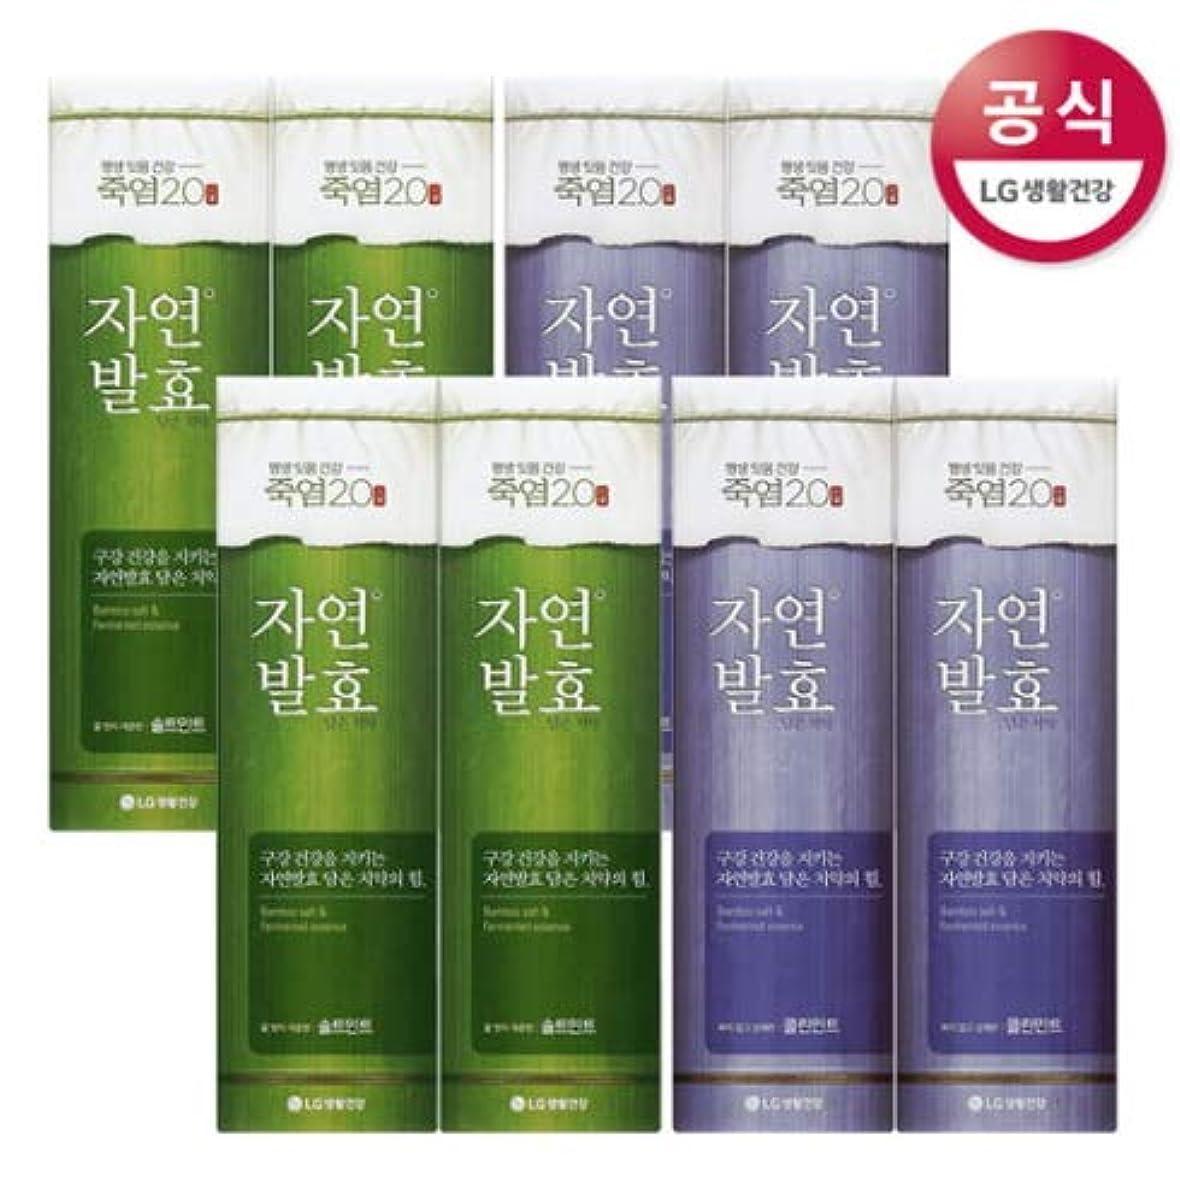 地図エンディングギャラントリー[LG HnB] Bamboo salt natural fermentation toothpaste/竹塩自然発酵入れた歯磨き粉 100gx8個(海外直送品)